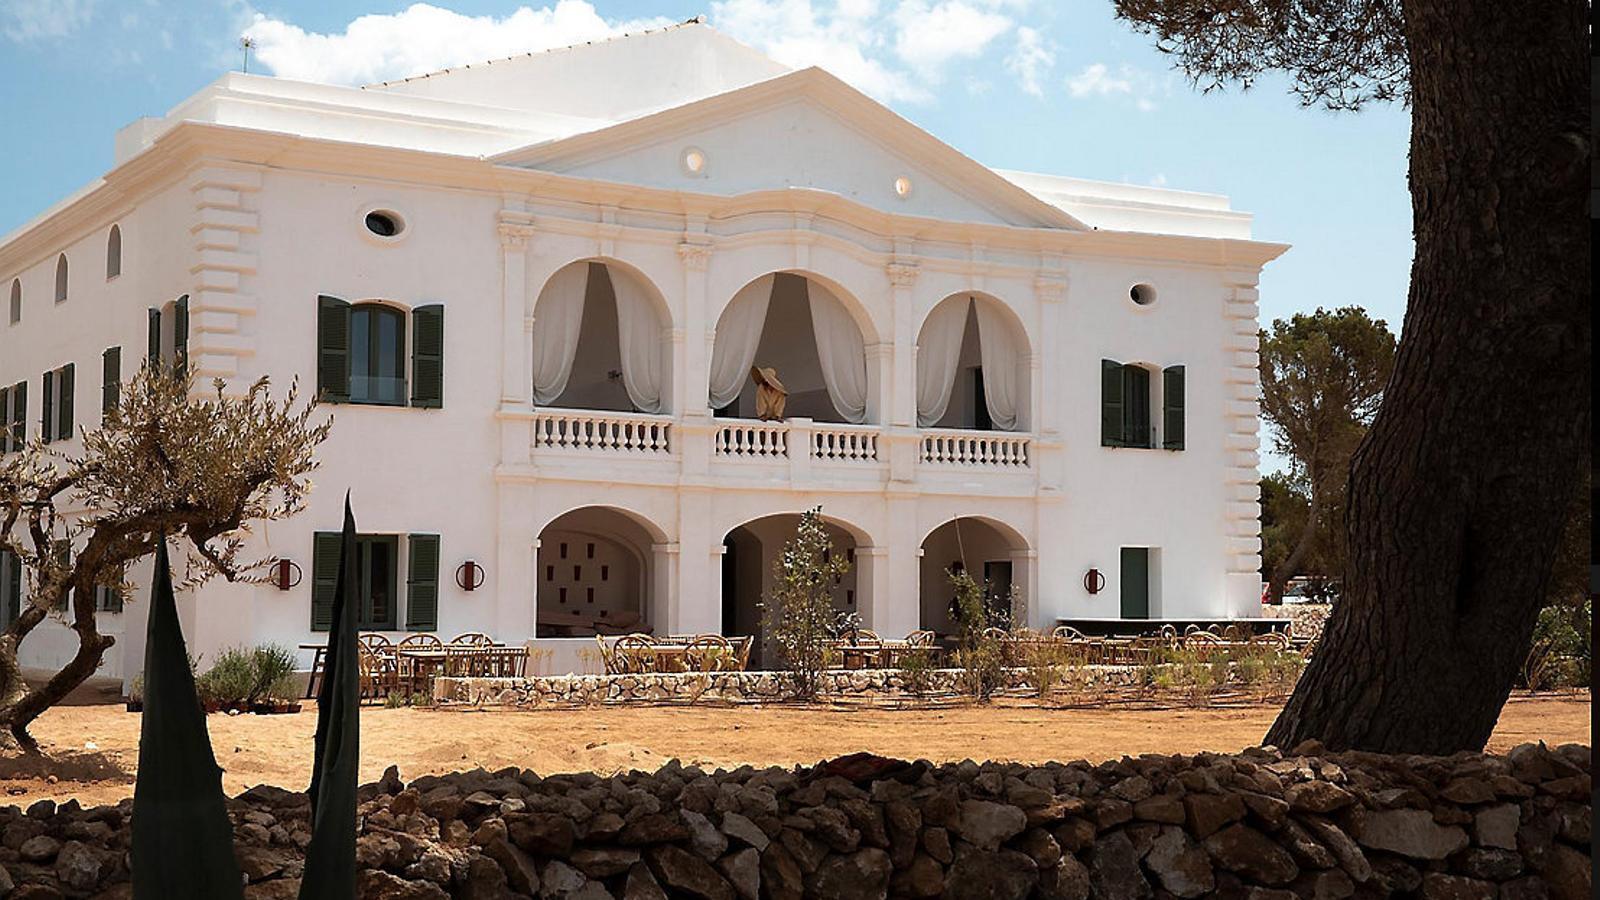 Un país per confinar-s'hi Menorca Experimental De vacances a casa d'un artista (i amb molt poca gent)